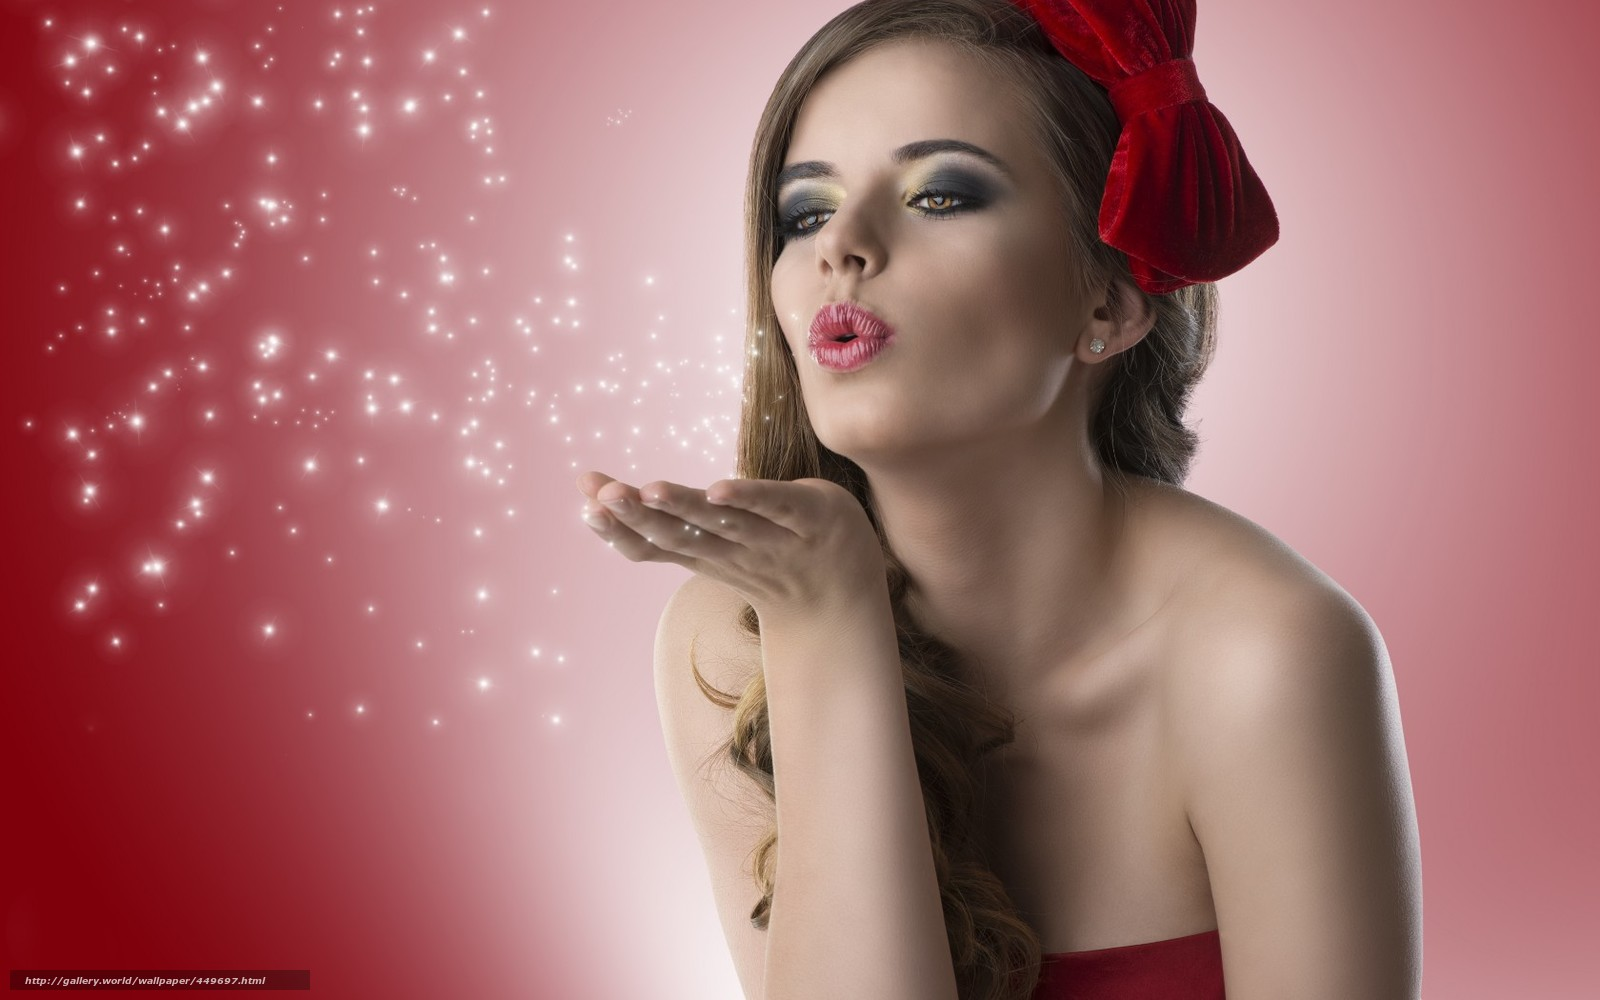 Девушка посылает воздушный поцелуй фото